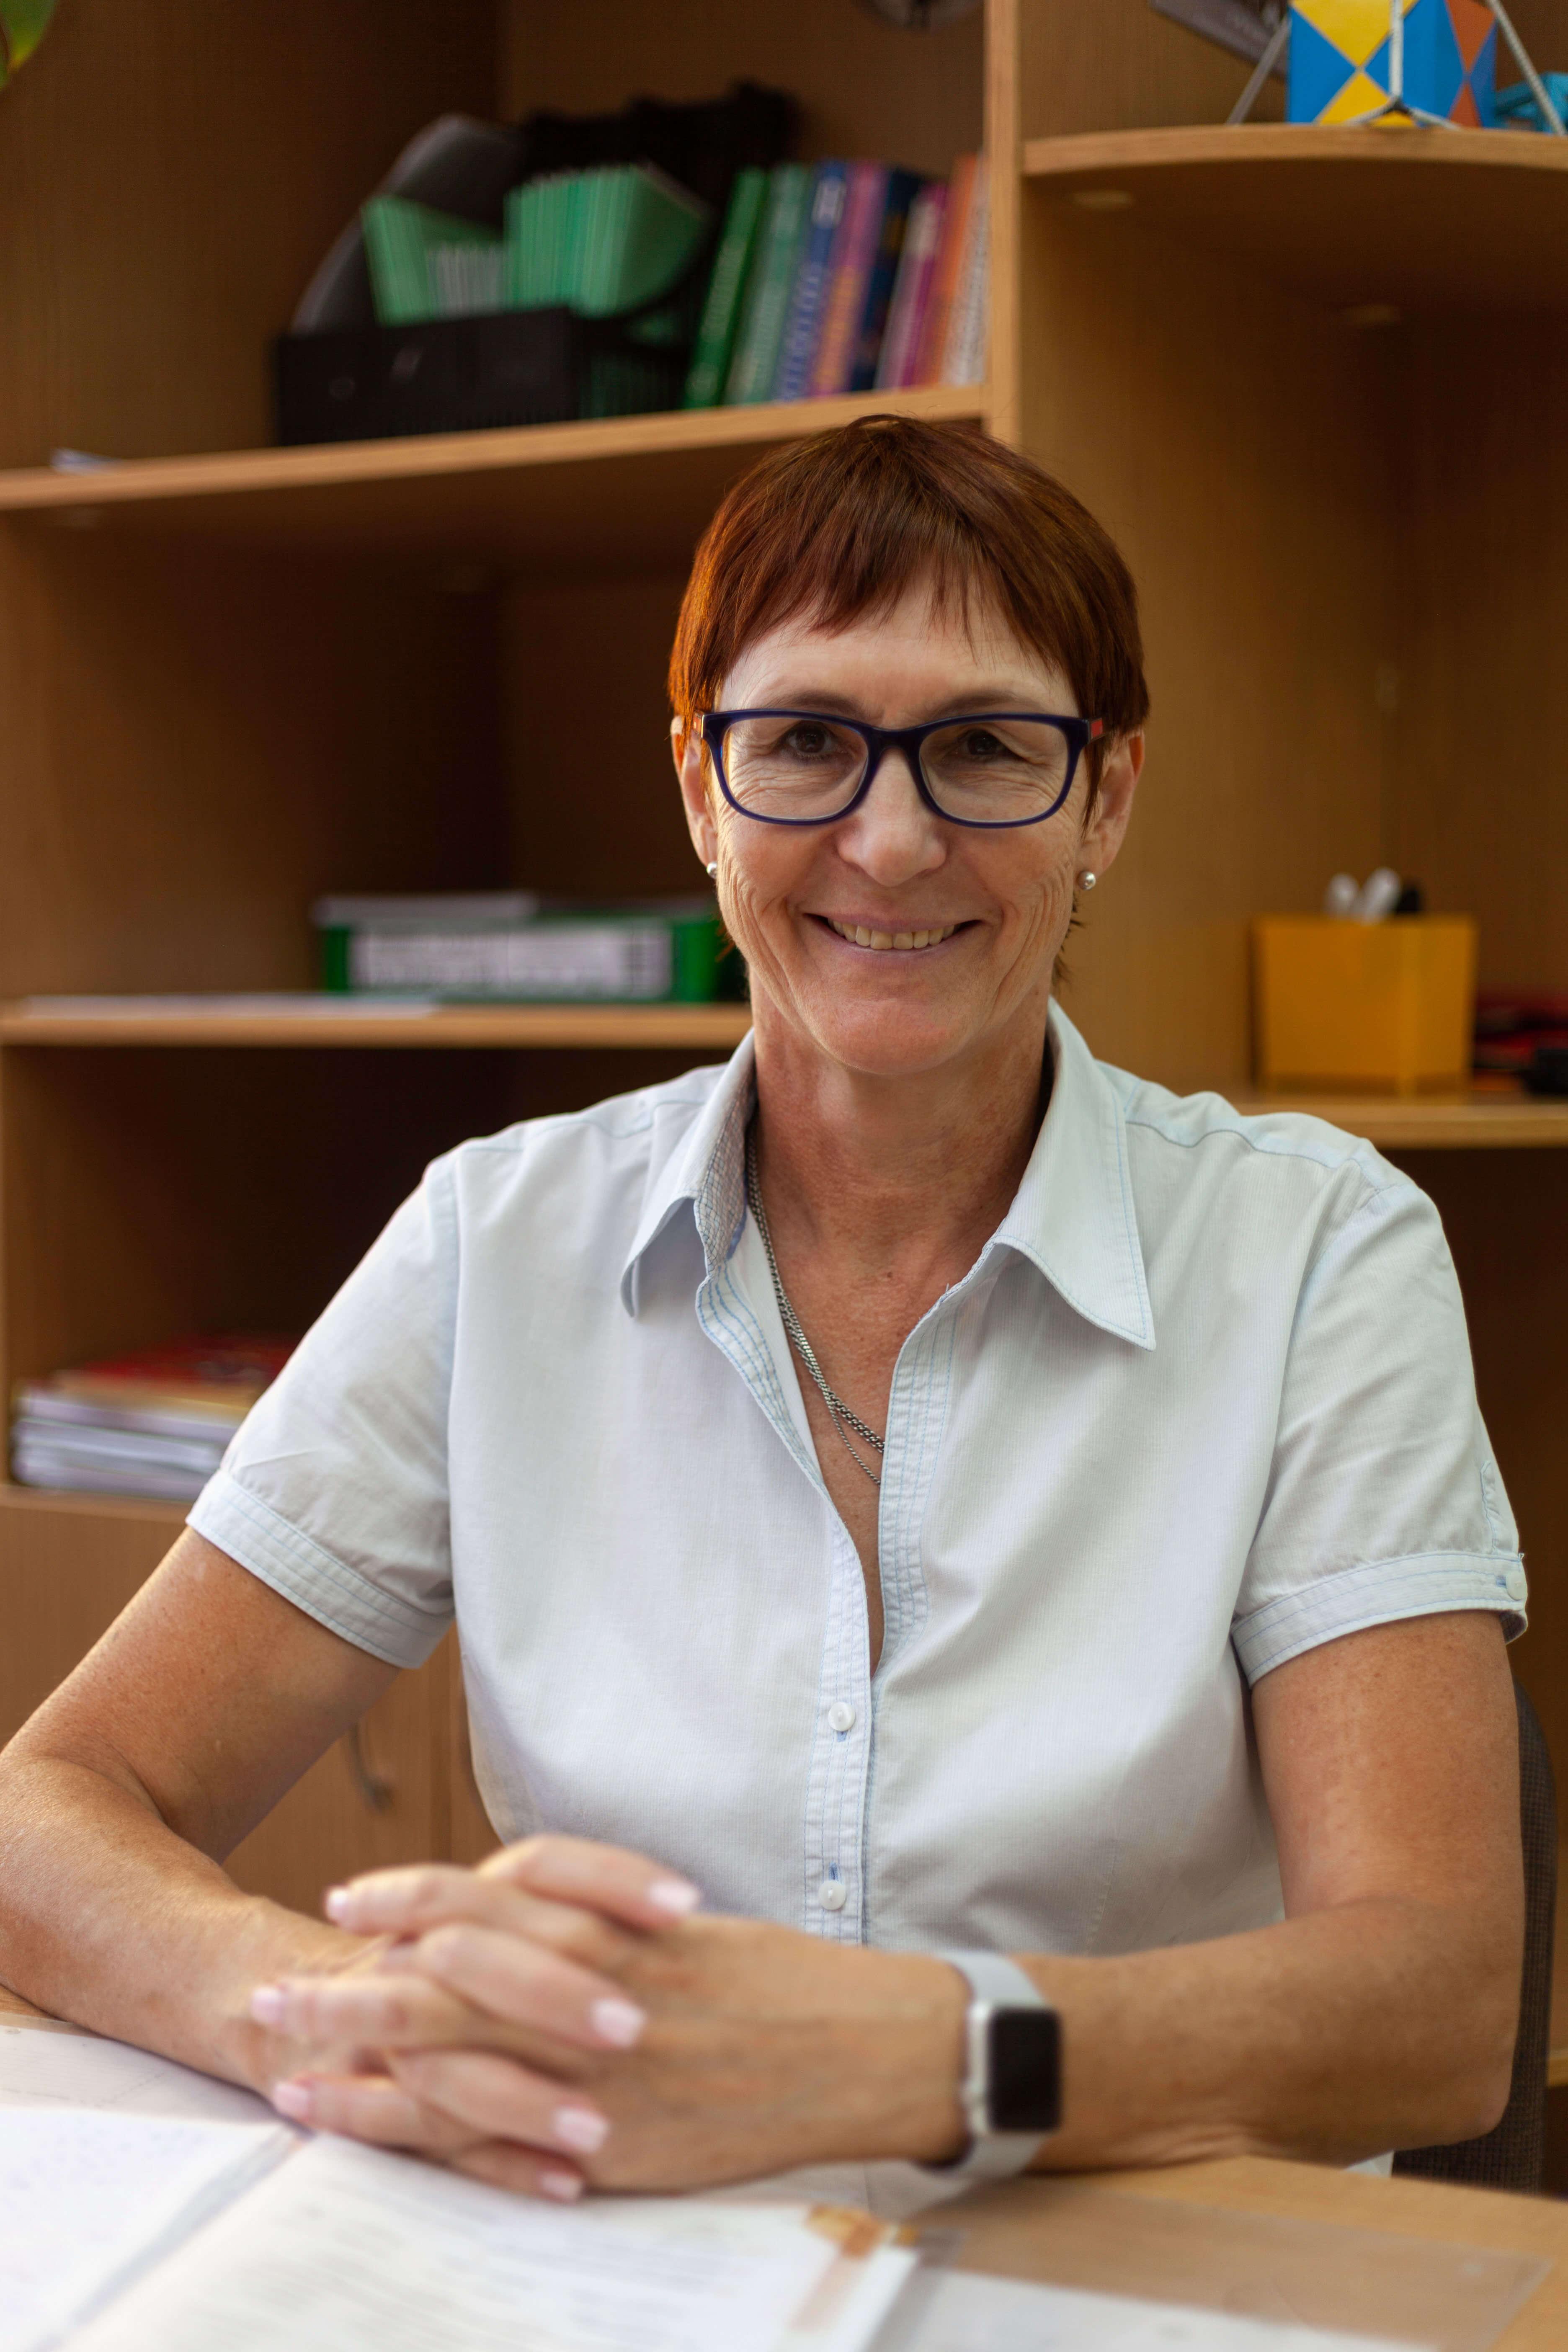 Наварова Елена Анатольевна - Учитель математики